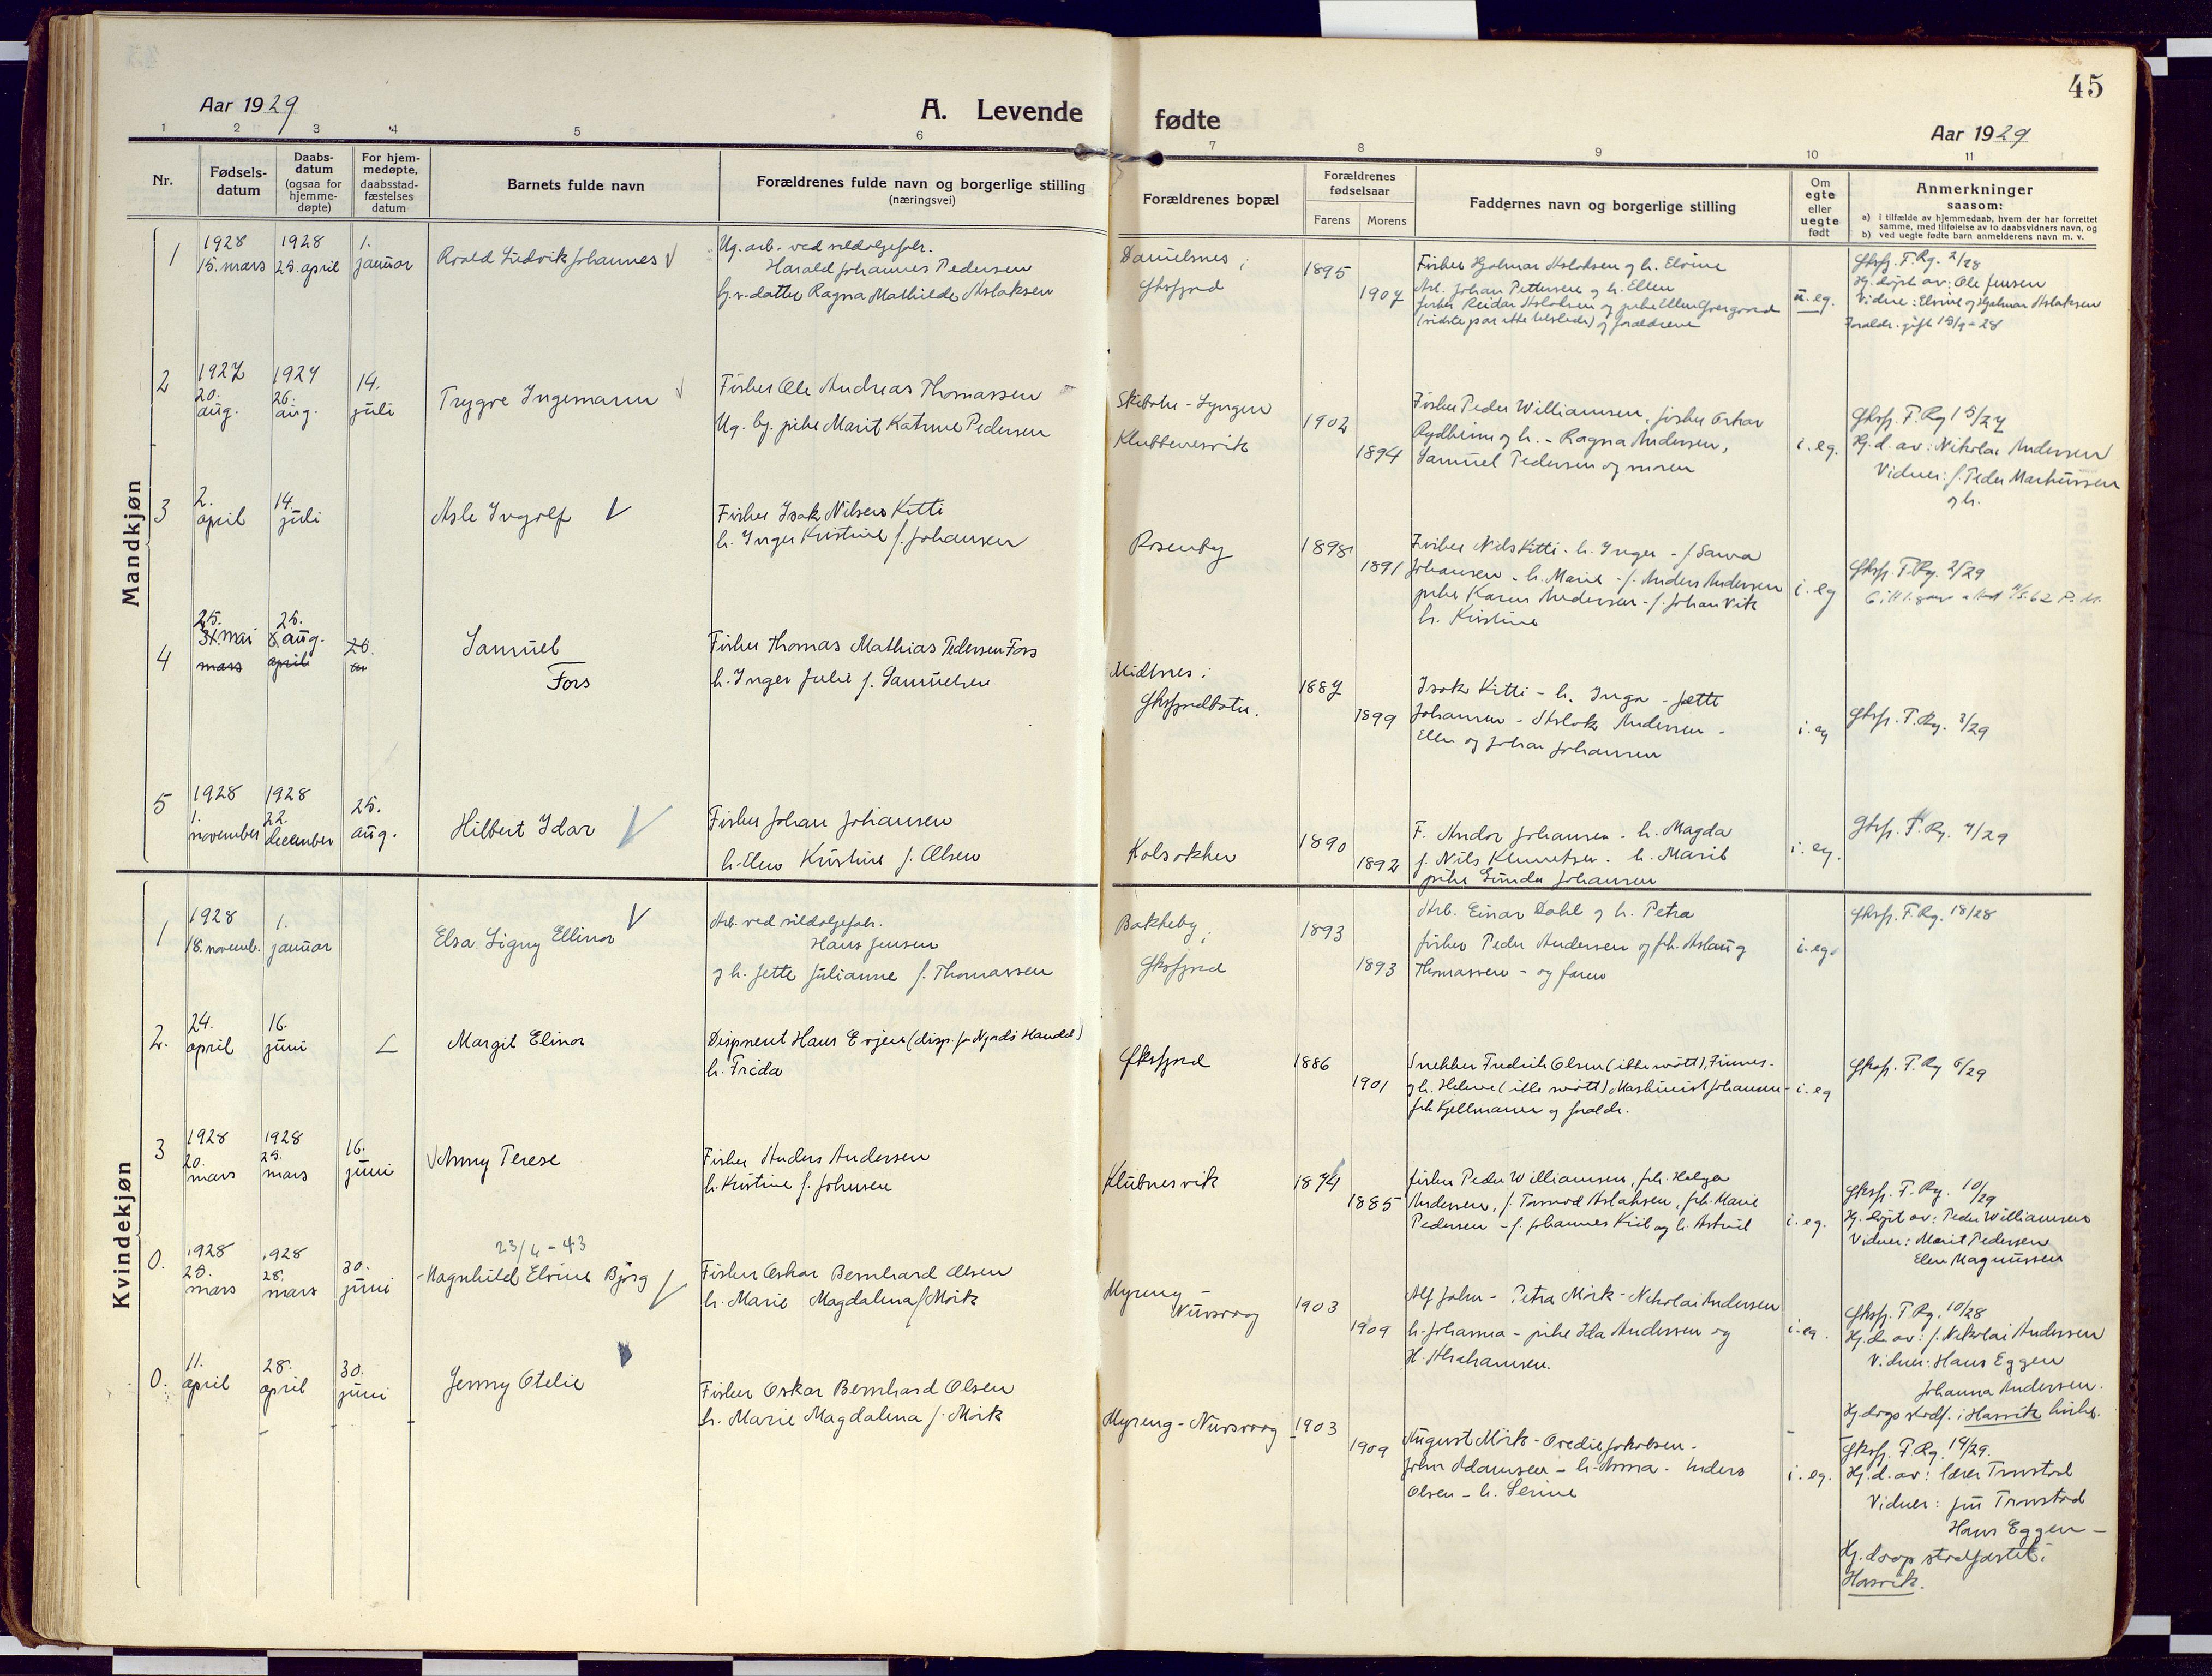 SATØ, Loppa sokneprestkontor, H/Ha/L0012kirke: Ministerialbok nr. 12, 1917-1932, s. 45